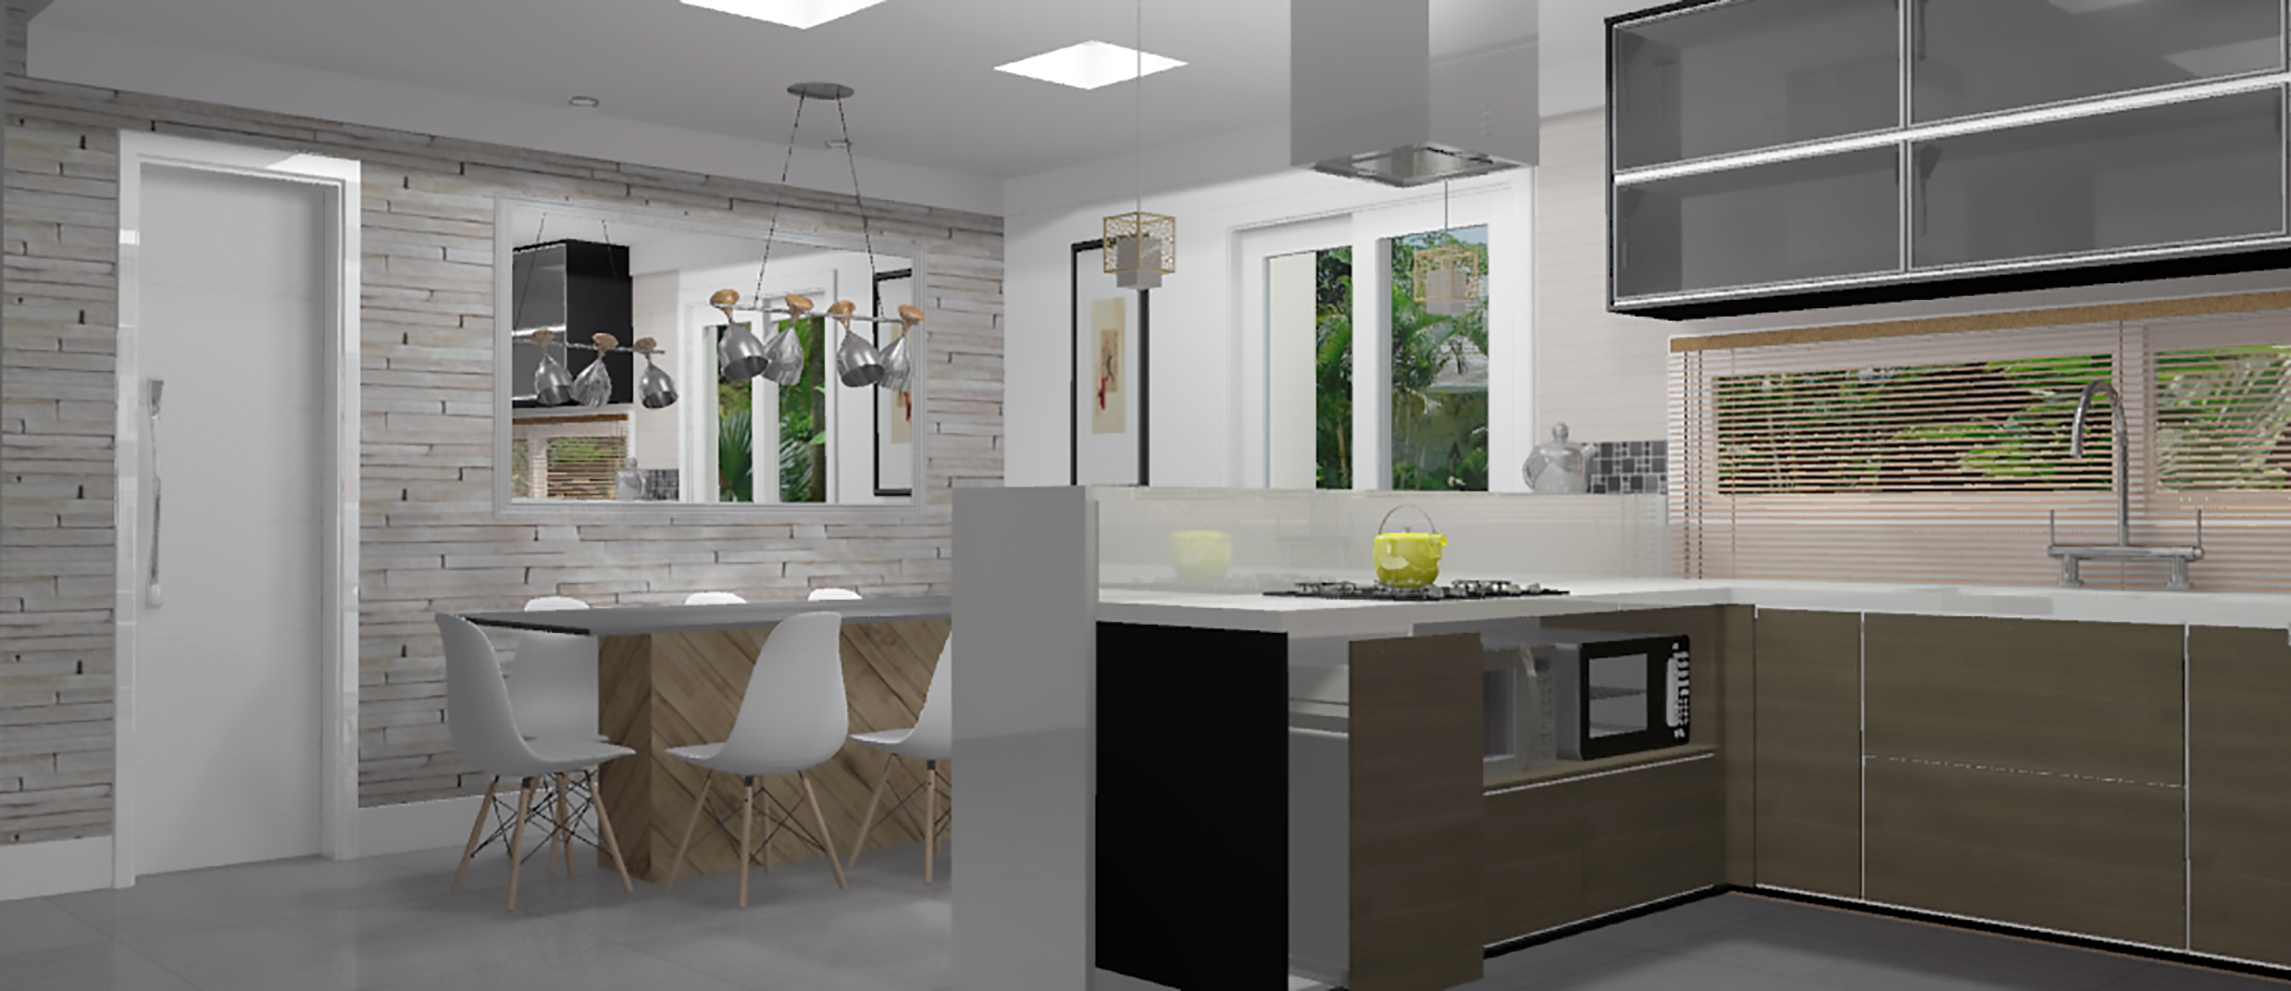 cozinha pequena planejada projetos de cozinhas cozinha moderna cozinha  #4B603D 2291 991